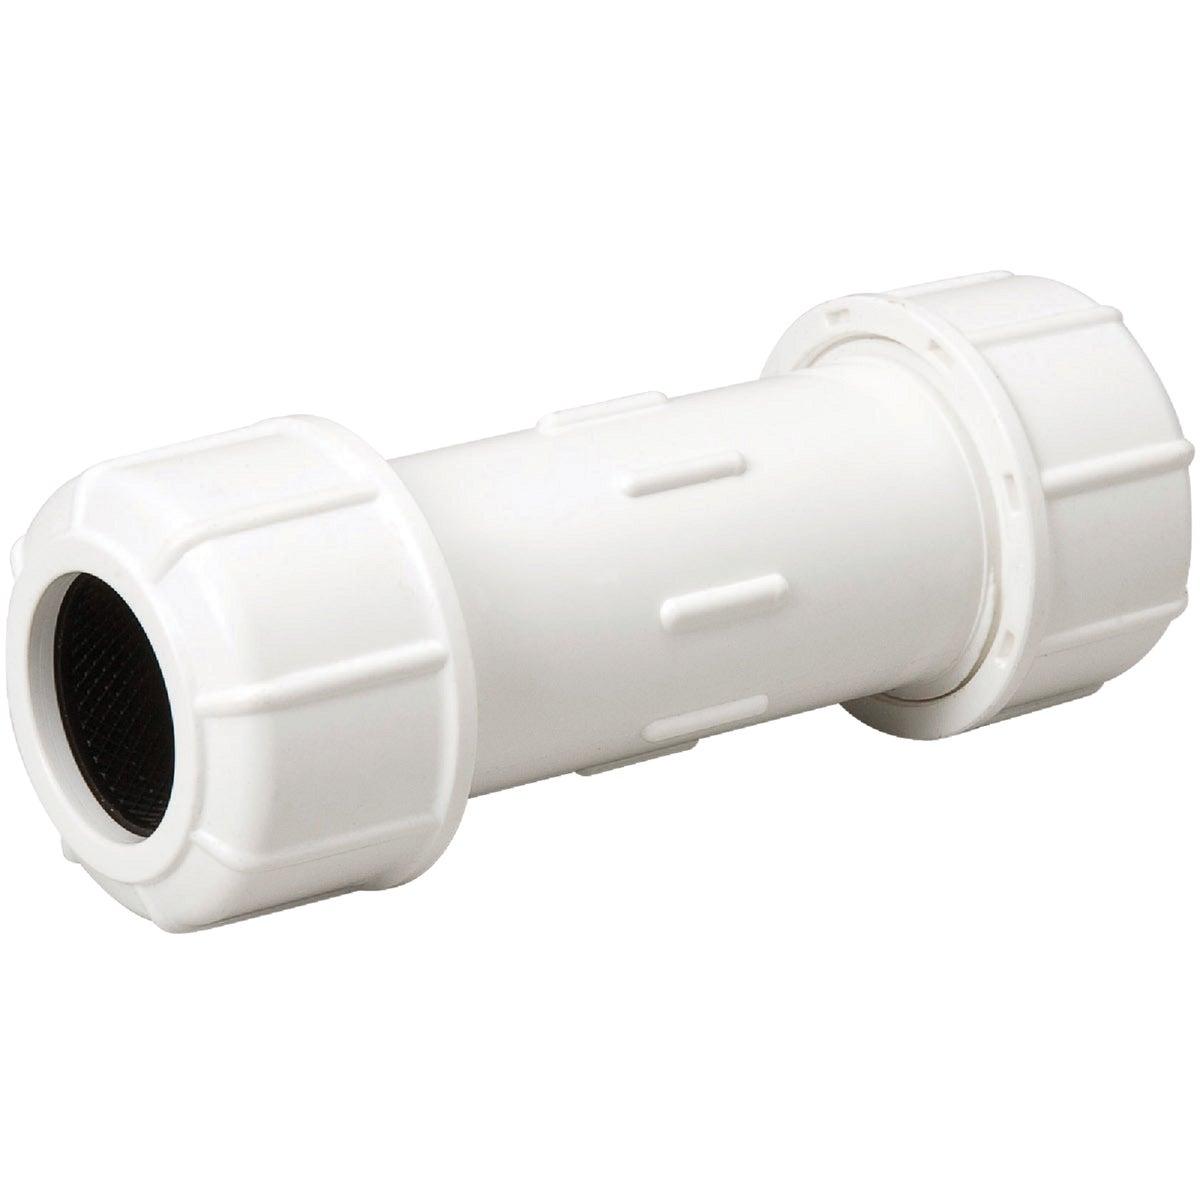 1X5-1/2 PVC COUPLING